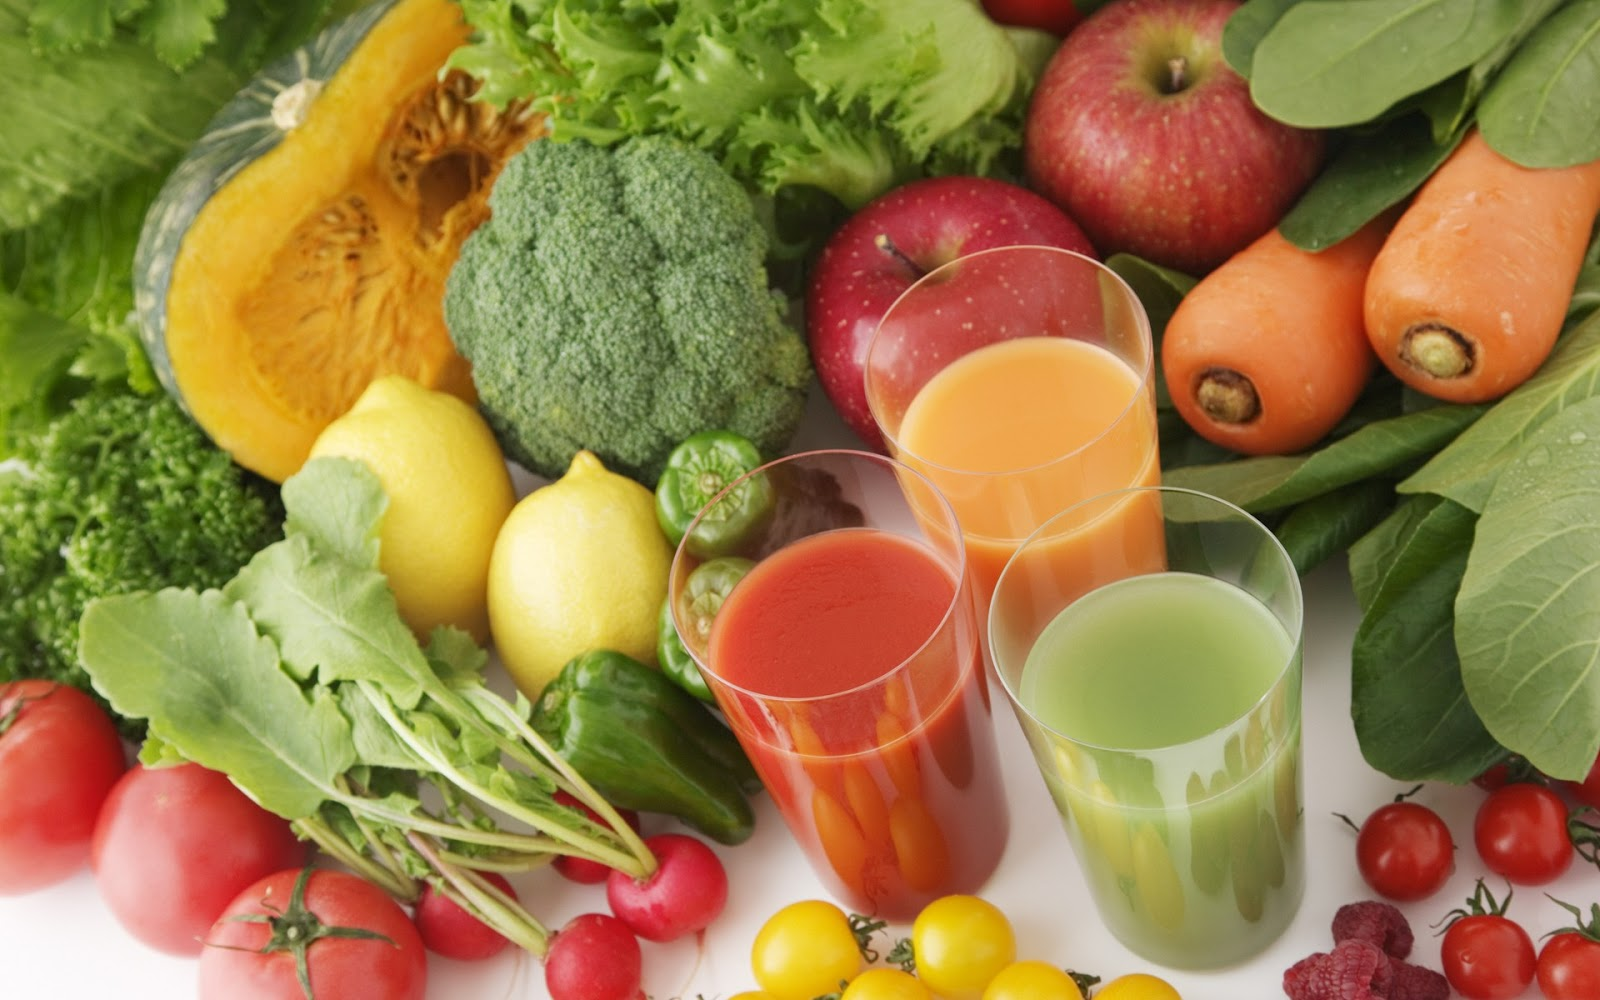 diet sehat dan cepat, Diet Sehat, diet cepat, diet dengan melilea, diet,